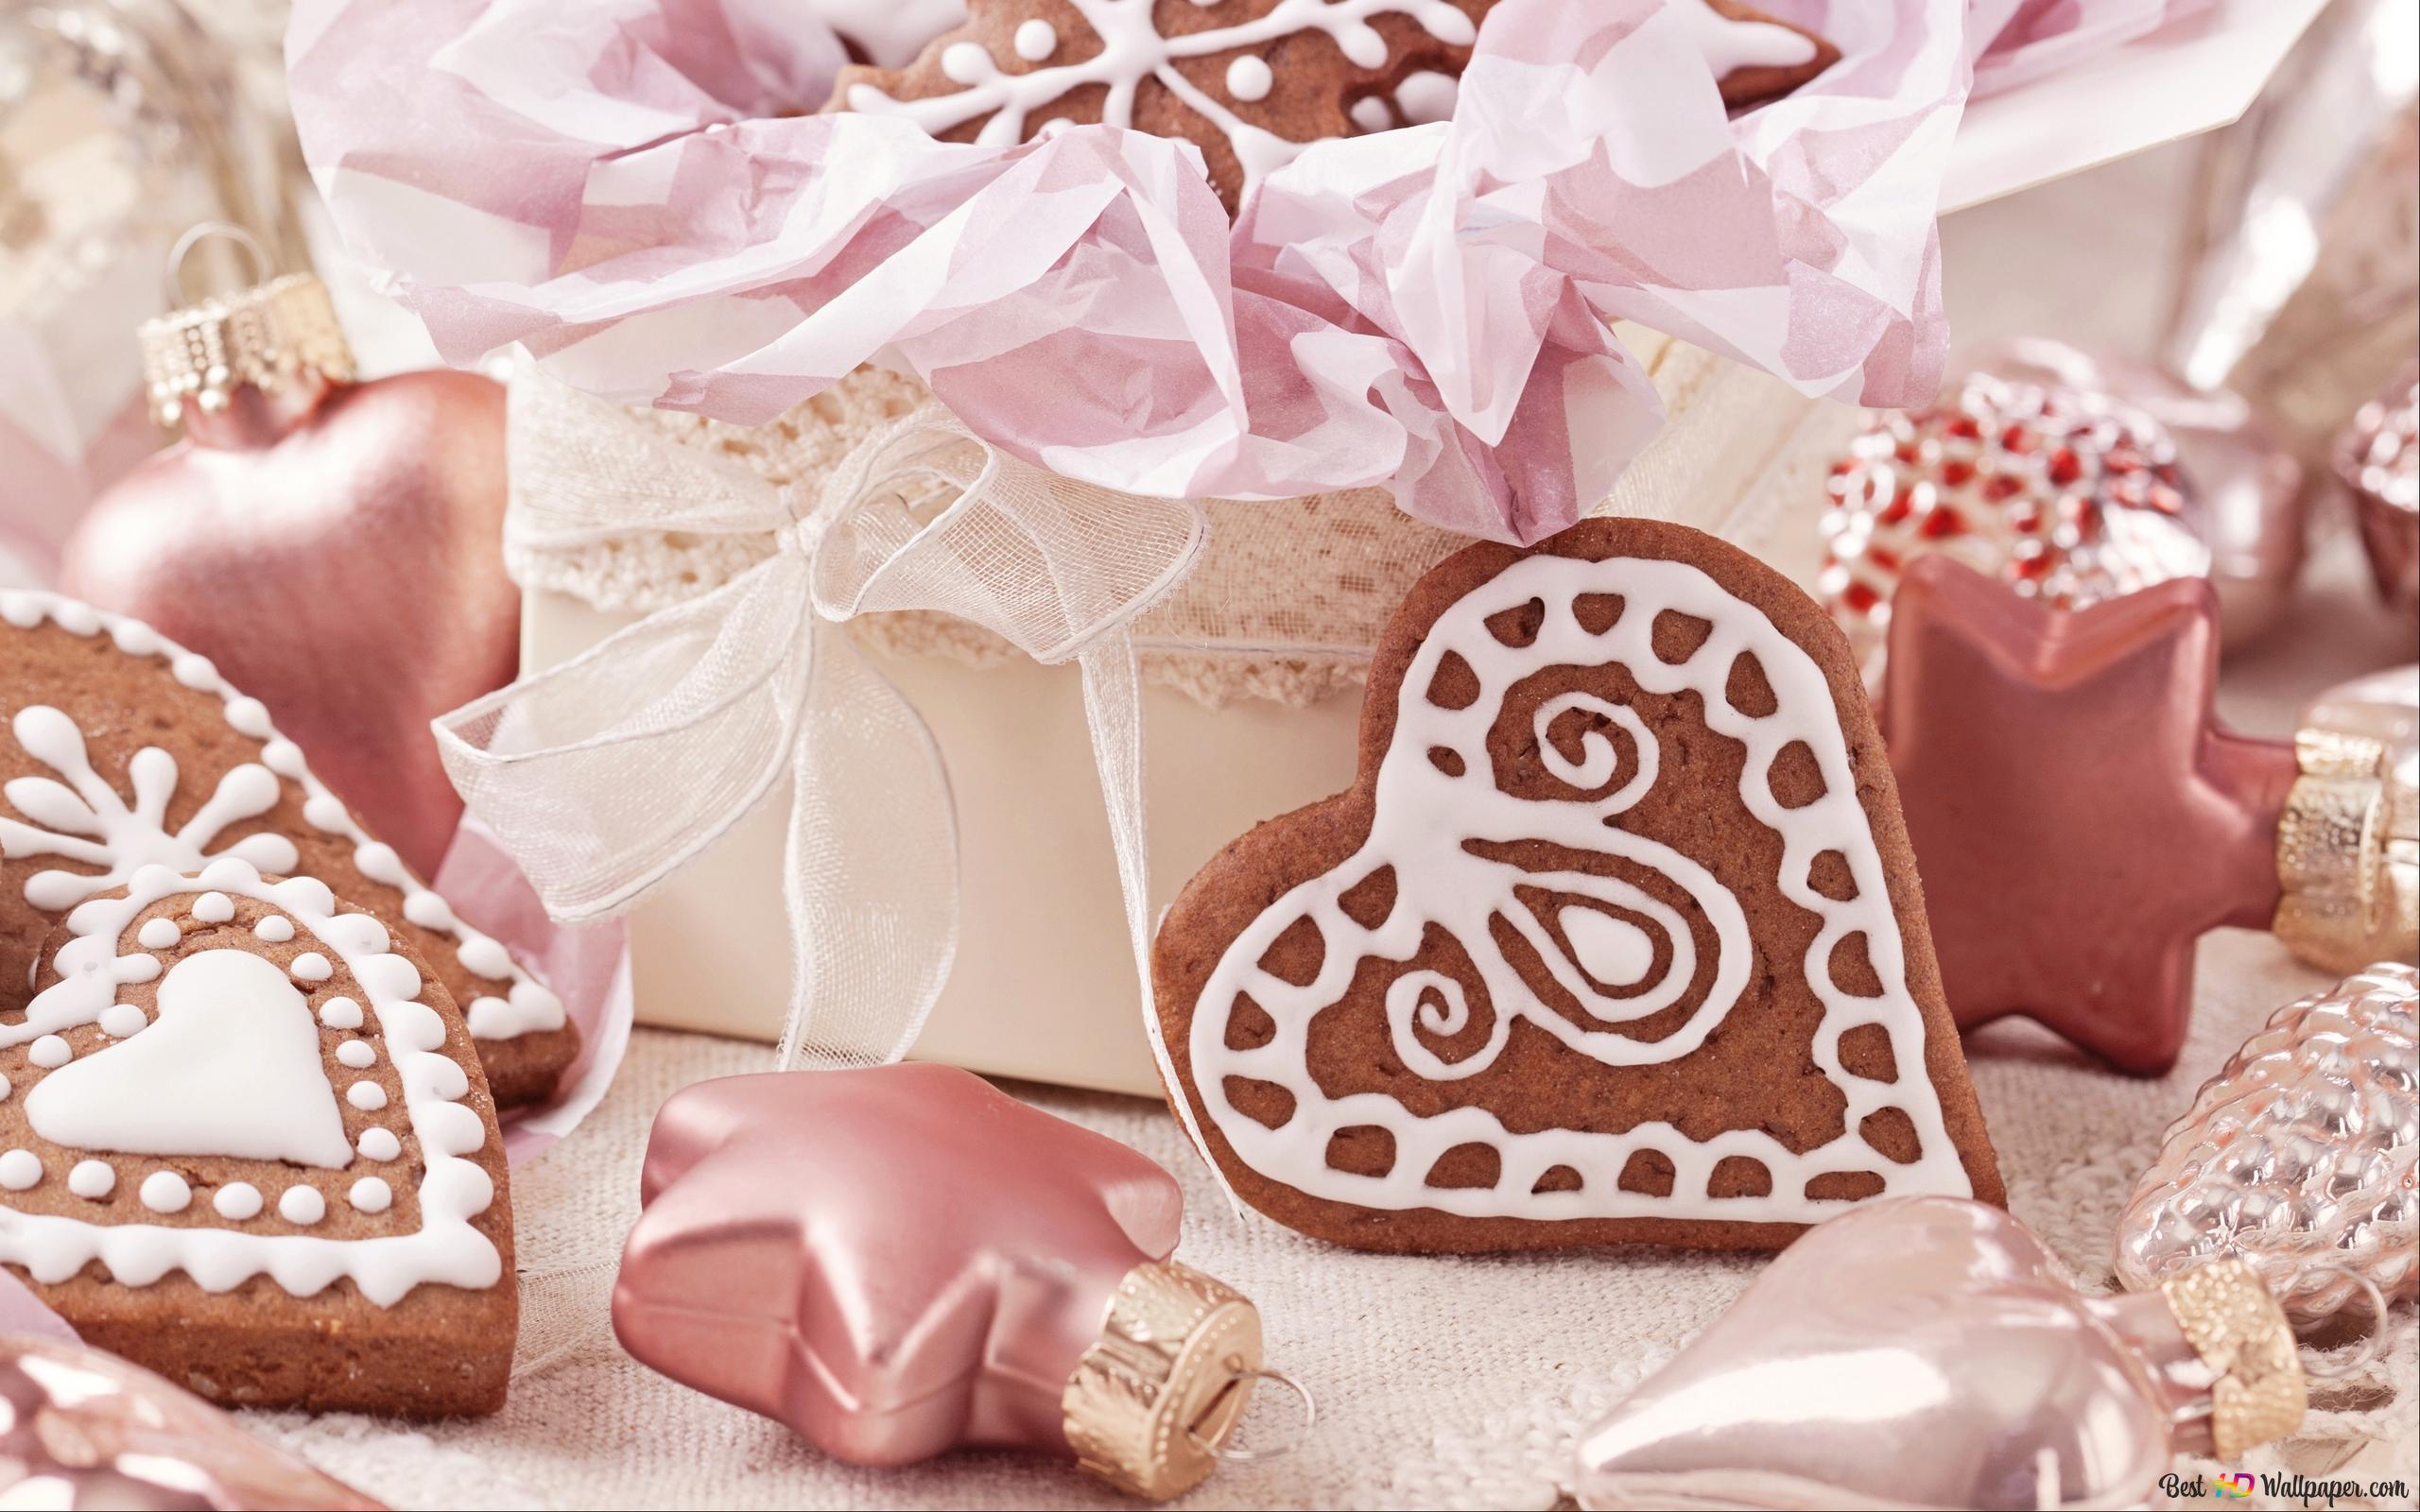 バレンタインデー ギフトやハートのクッキー Hd壁紙のダウンロード